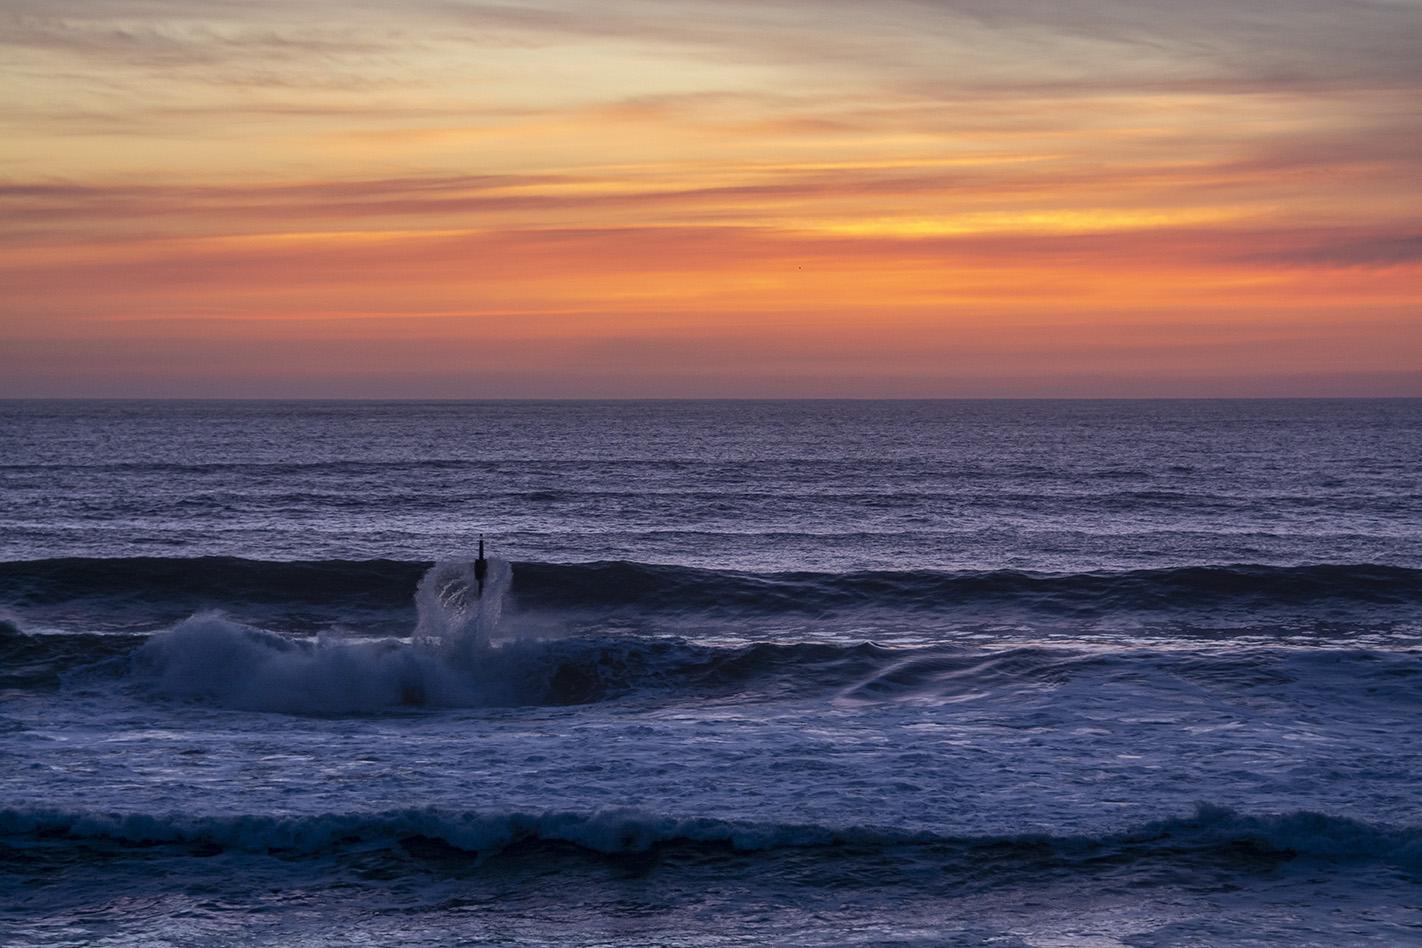 Afterglow - Summerleaze Beach, Bude